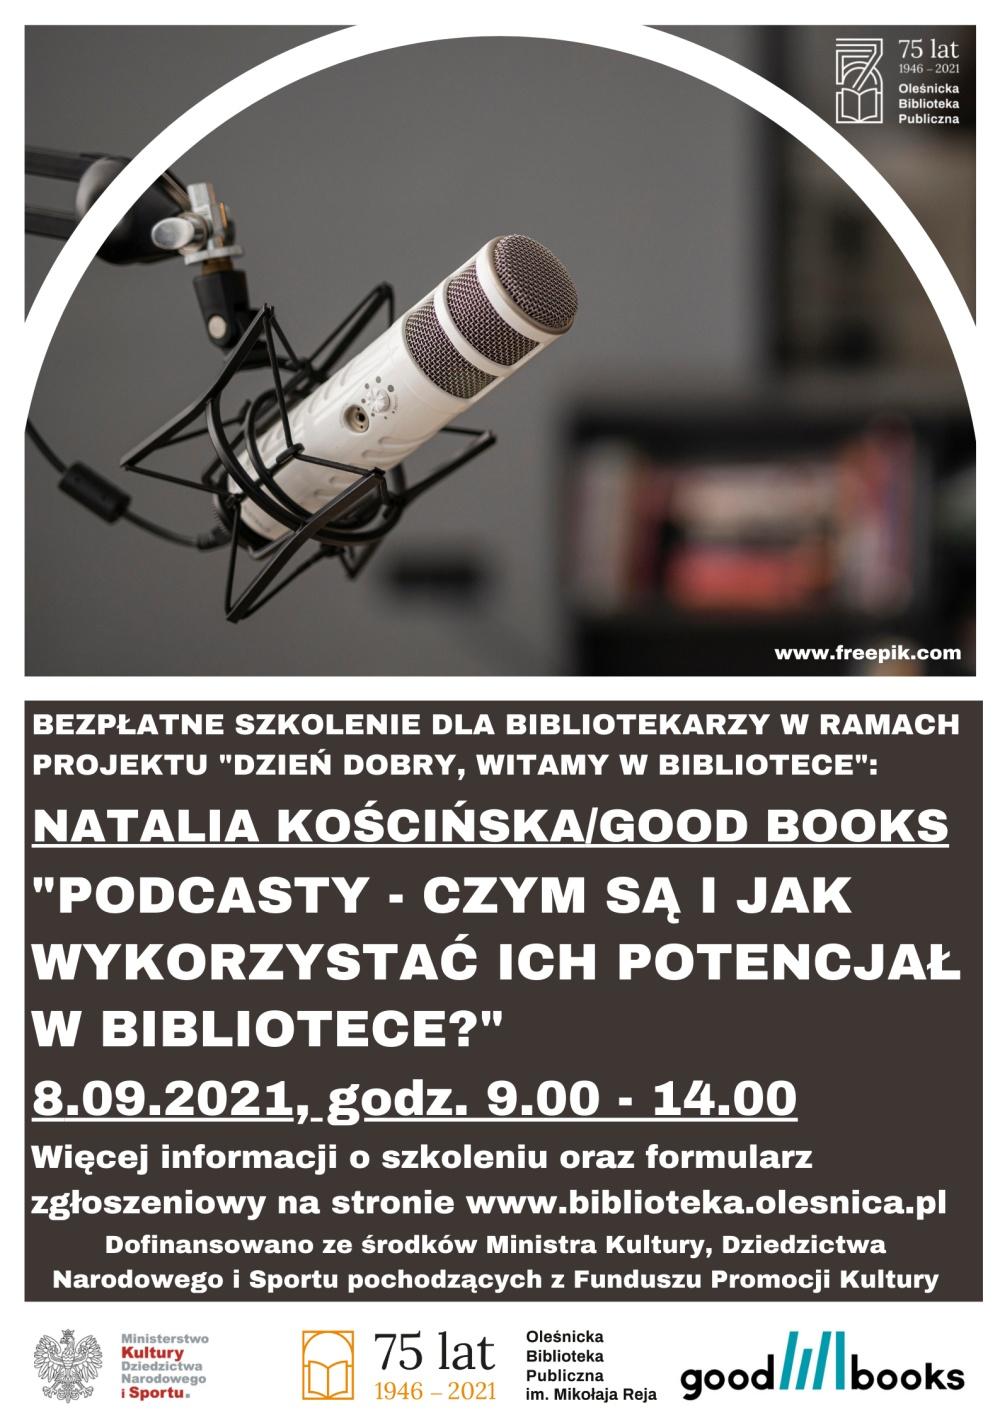 Plakat promujący kolejne szkolenie w ramach projektu Biblioteki